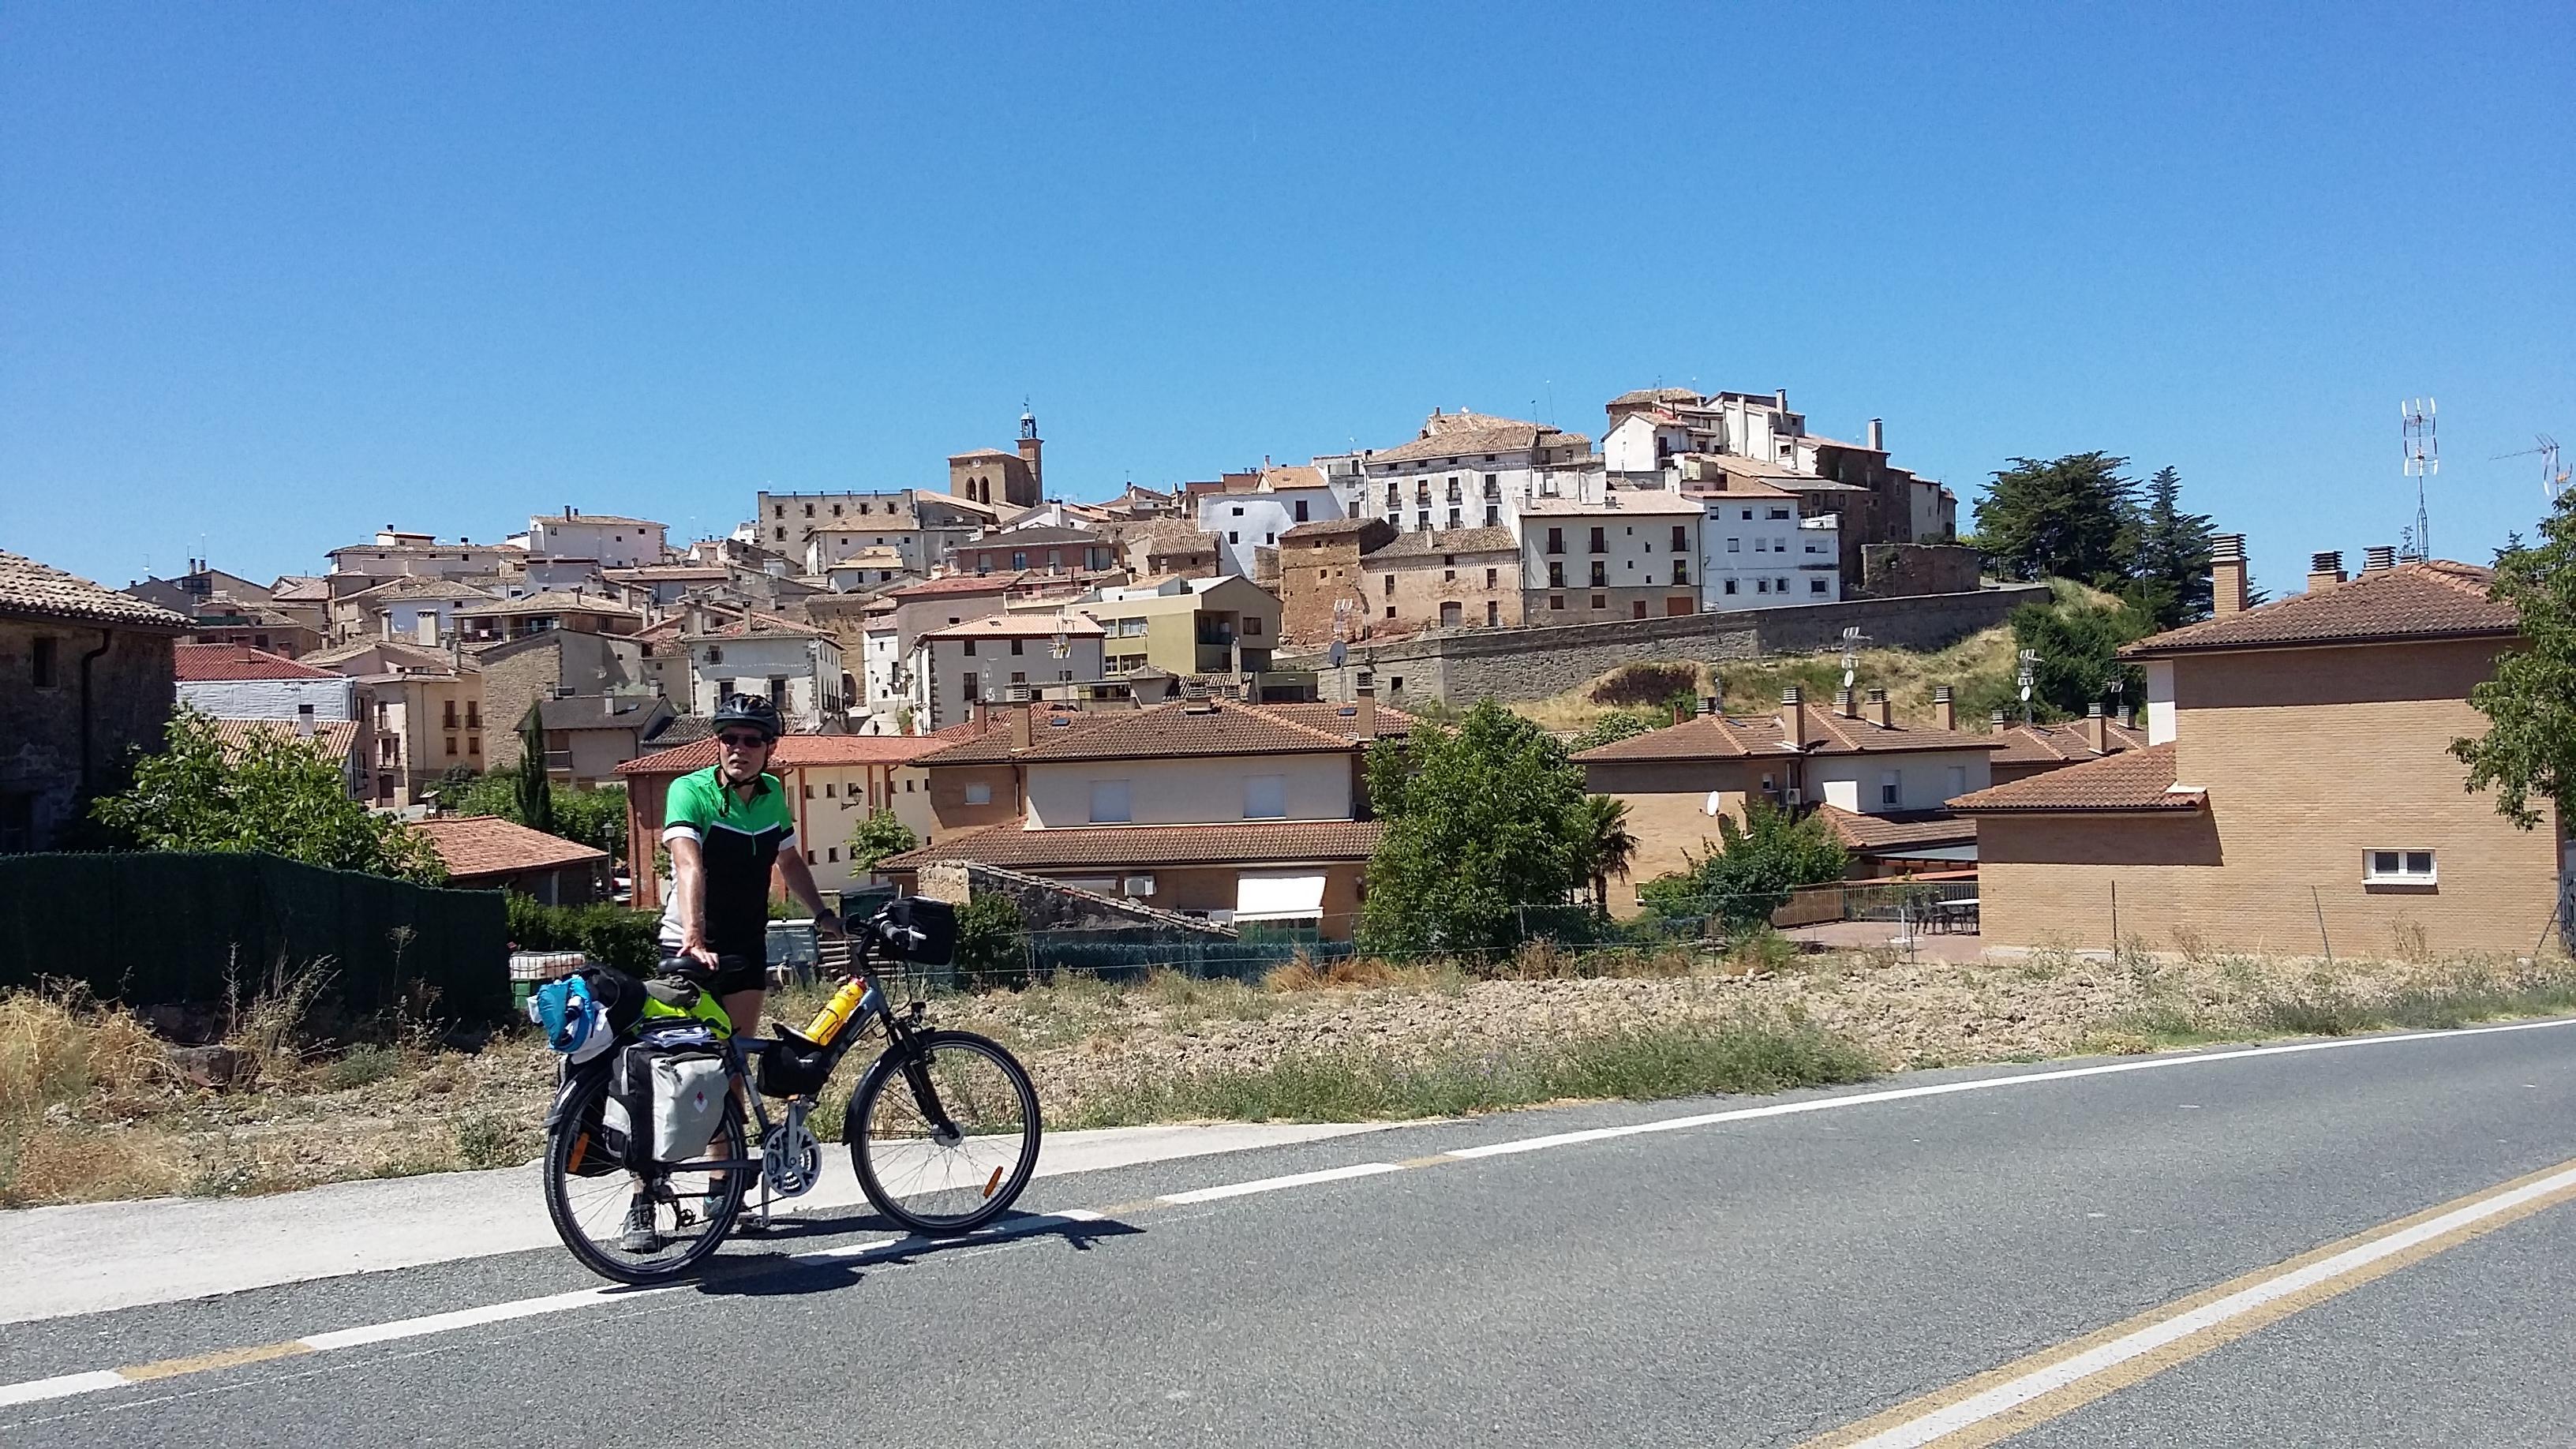 Cirauqui. Egy gyönyörű kisváros látképe.